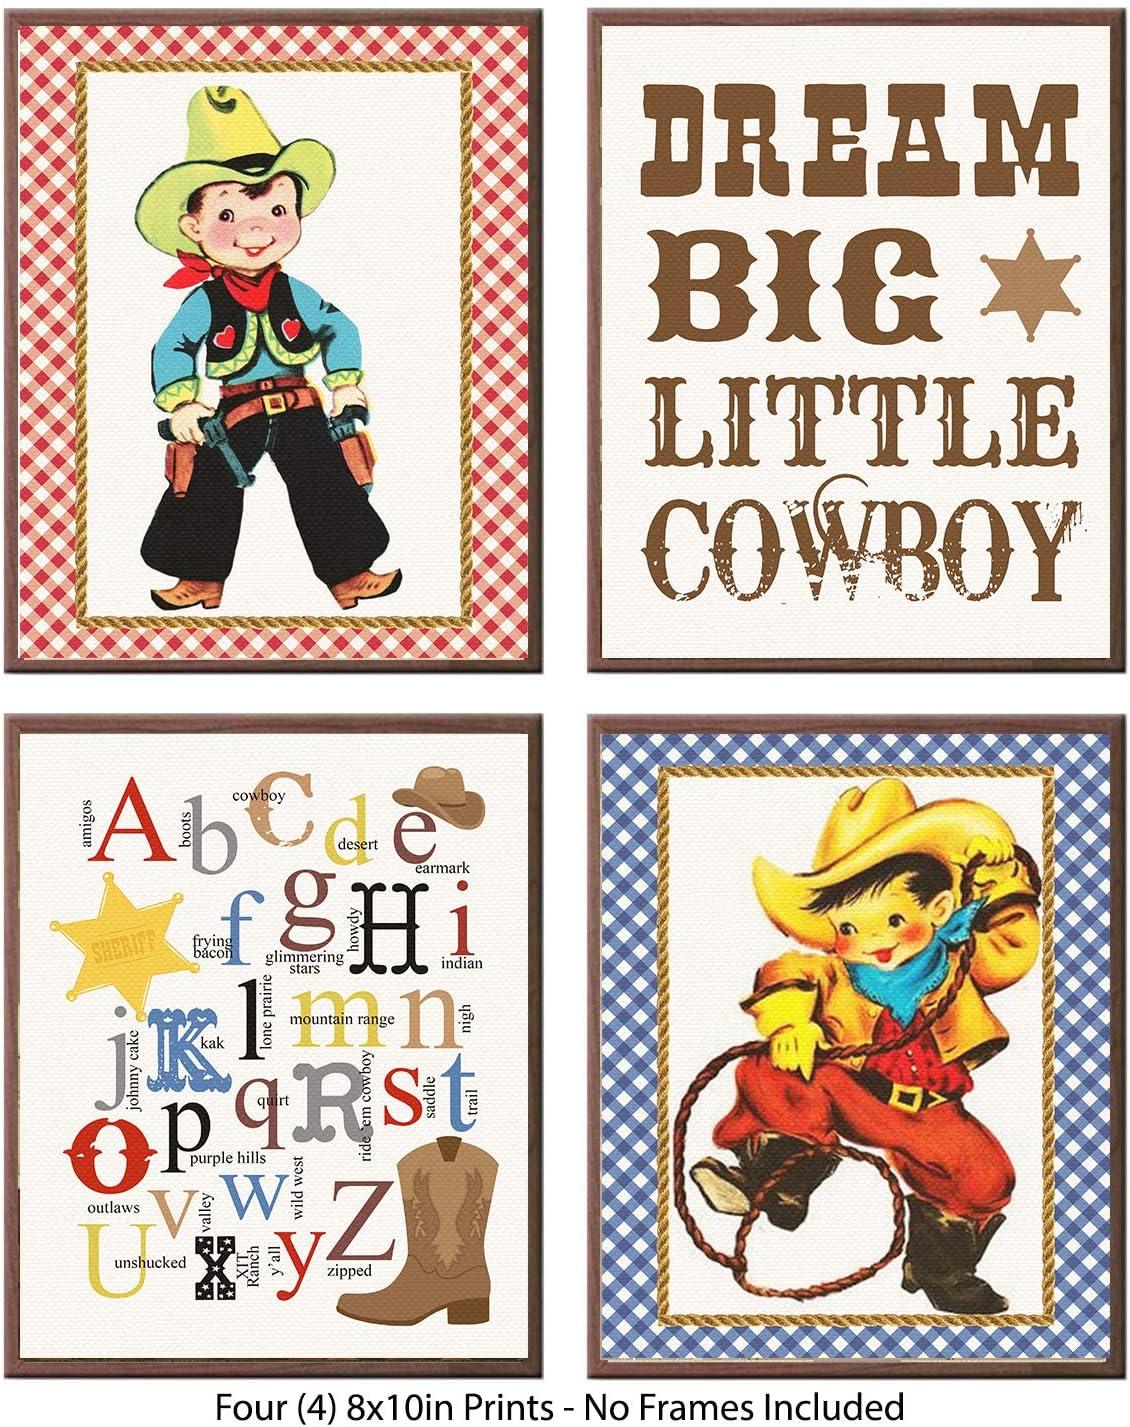 Vintage Retro Lil Buckaroo Cowboy Themed Party Supply Bedroom Bathroom Decor Art Wall Prints Signs (Dream Big Cowboy Art)